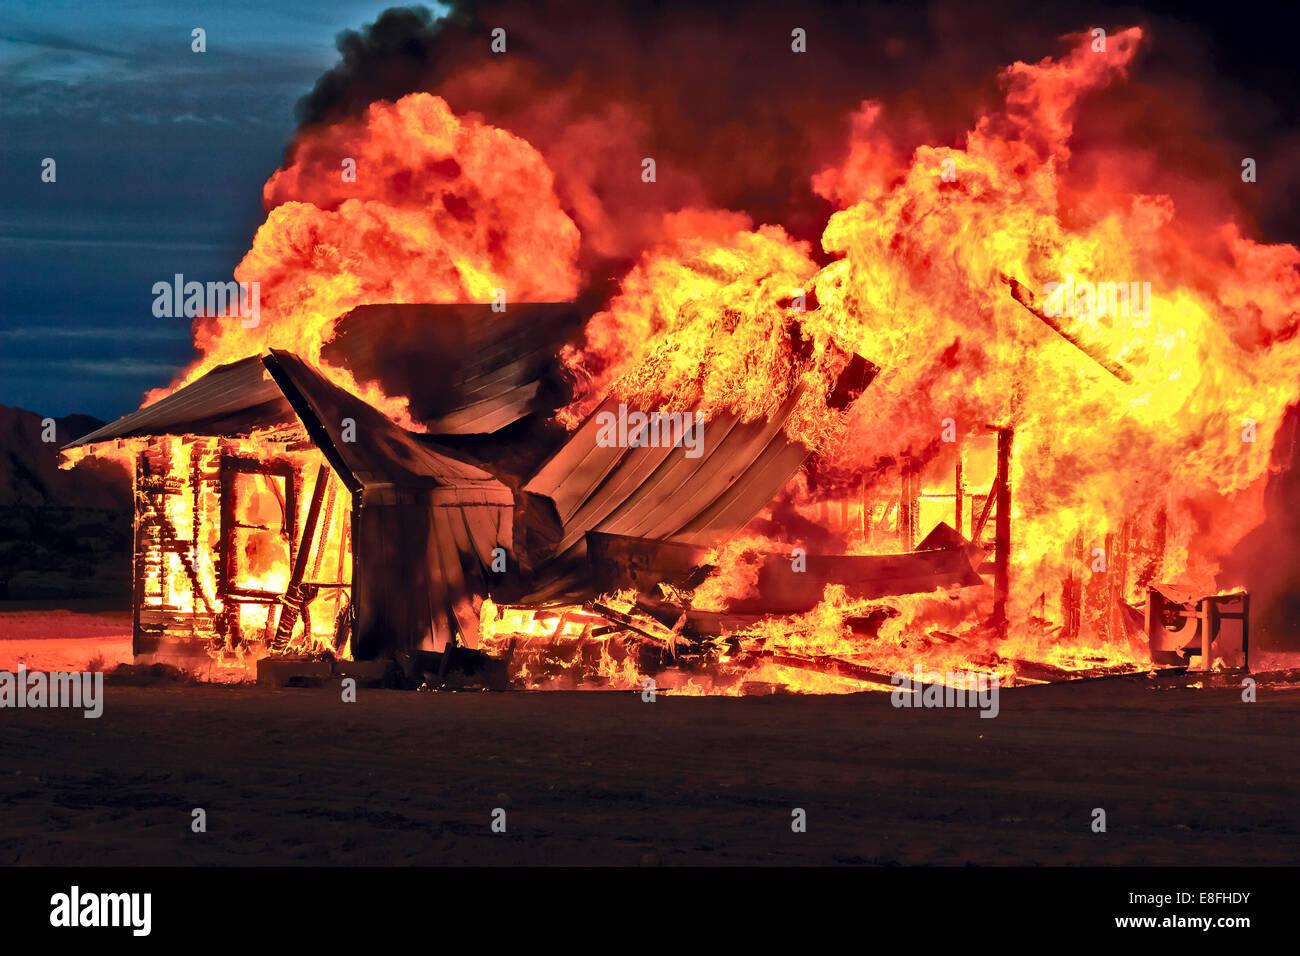 Casa abandonada en el fuego, Gila Bend, Arizona, Estados Unidos, EE.UU. Imagen De Stock